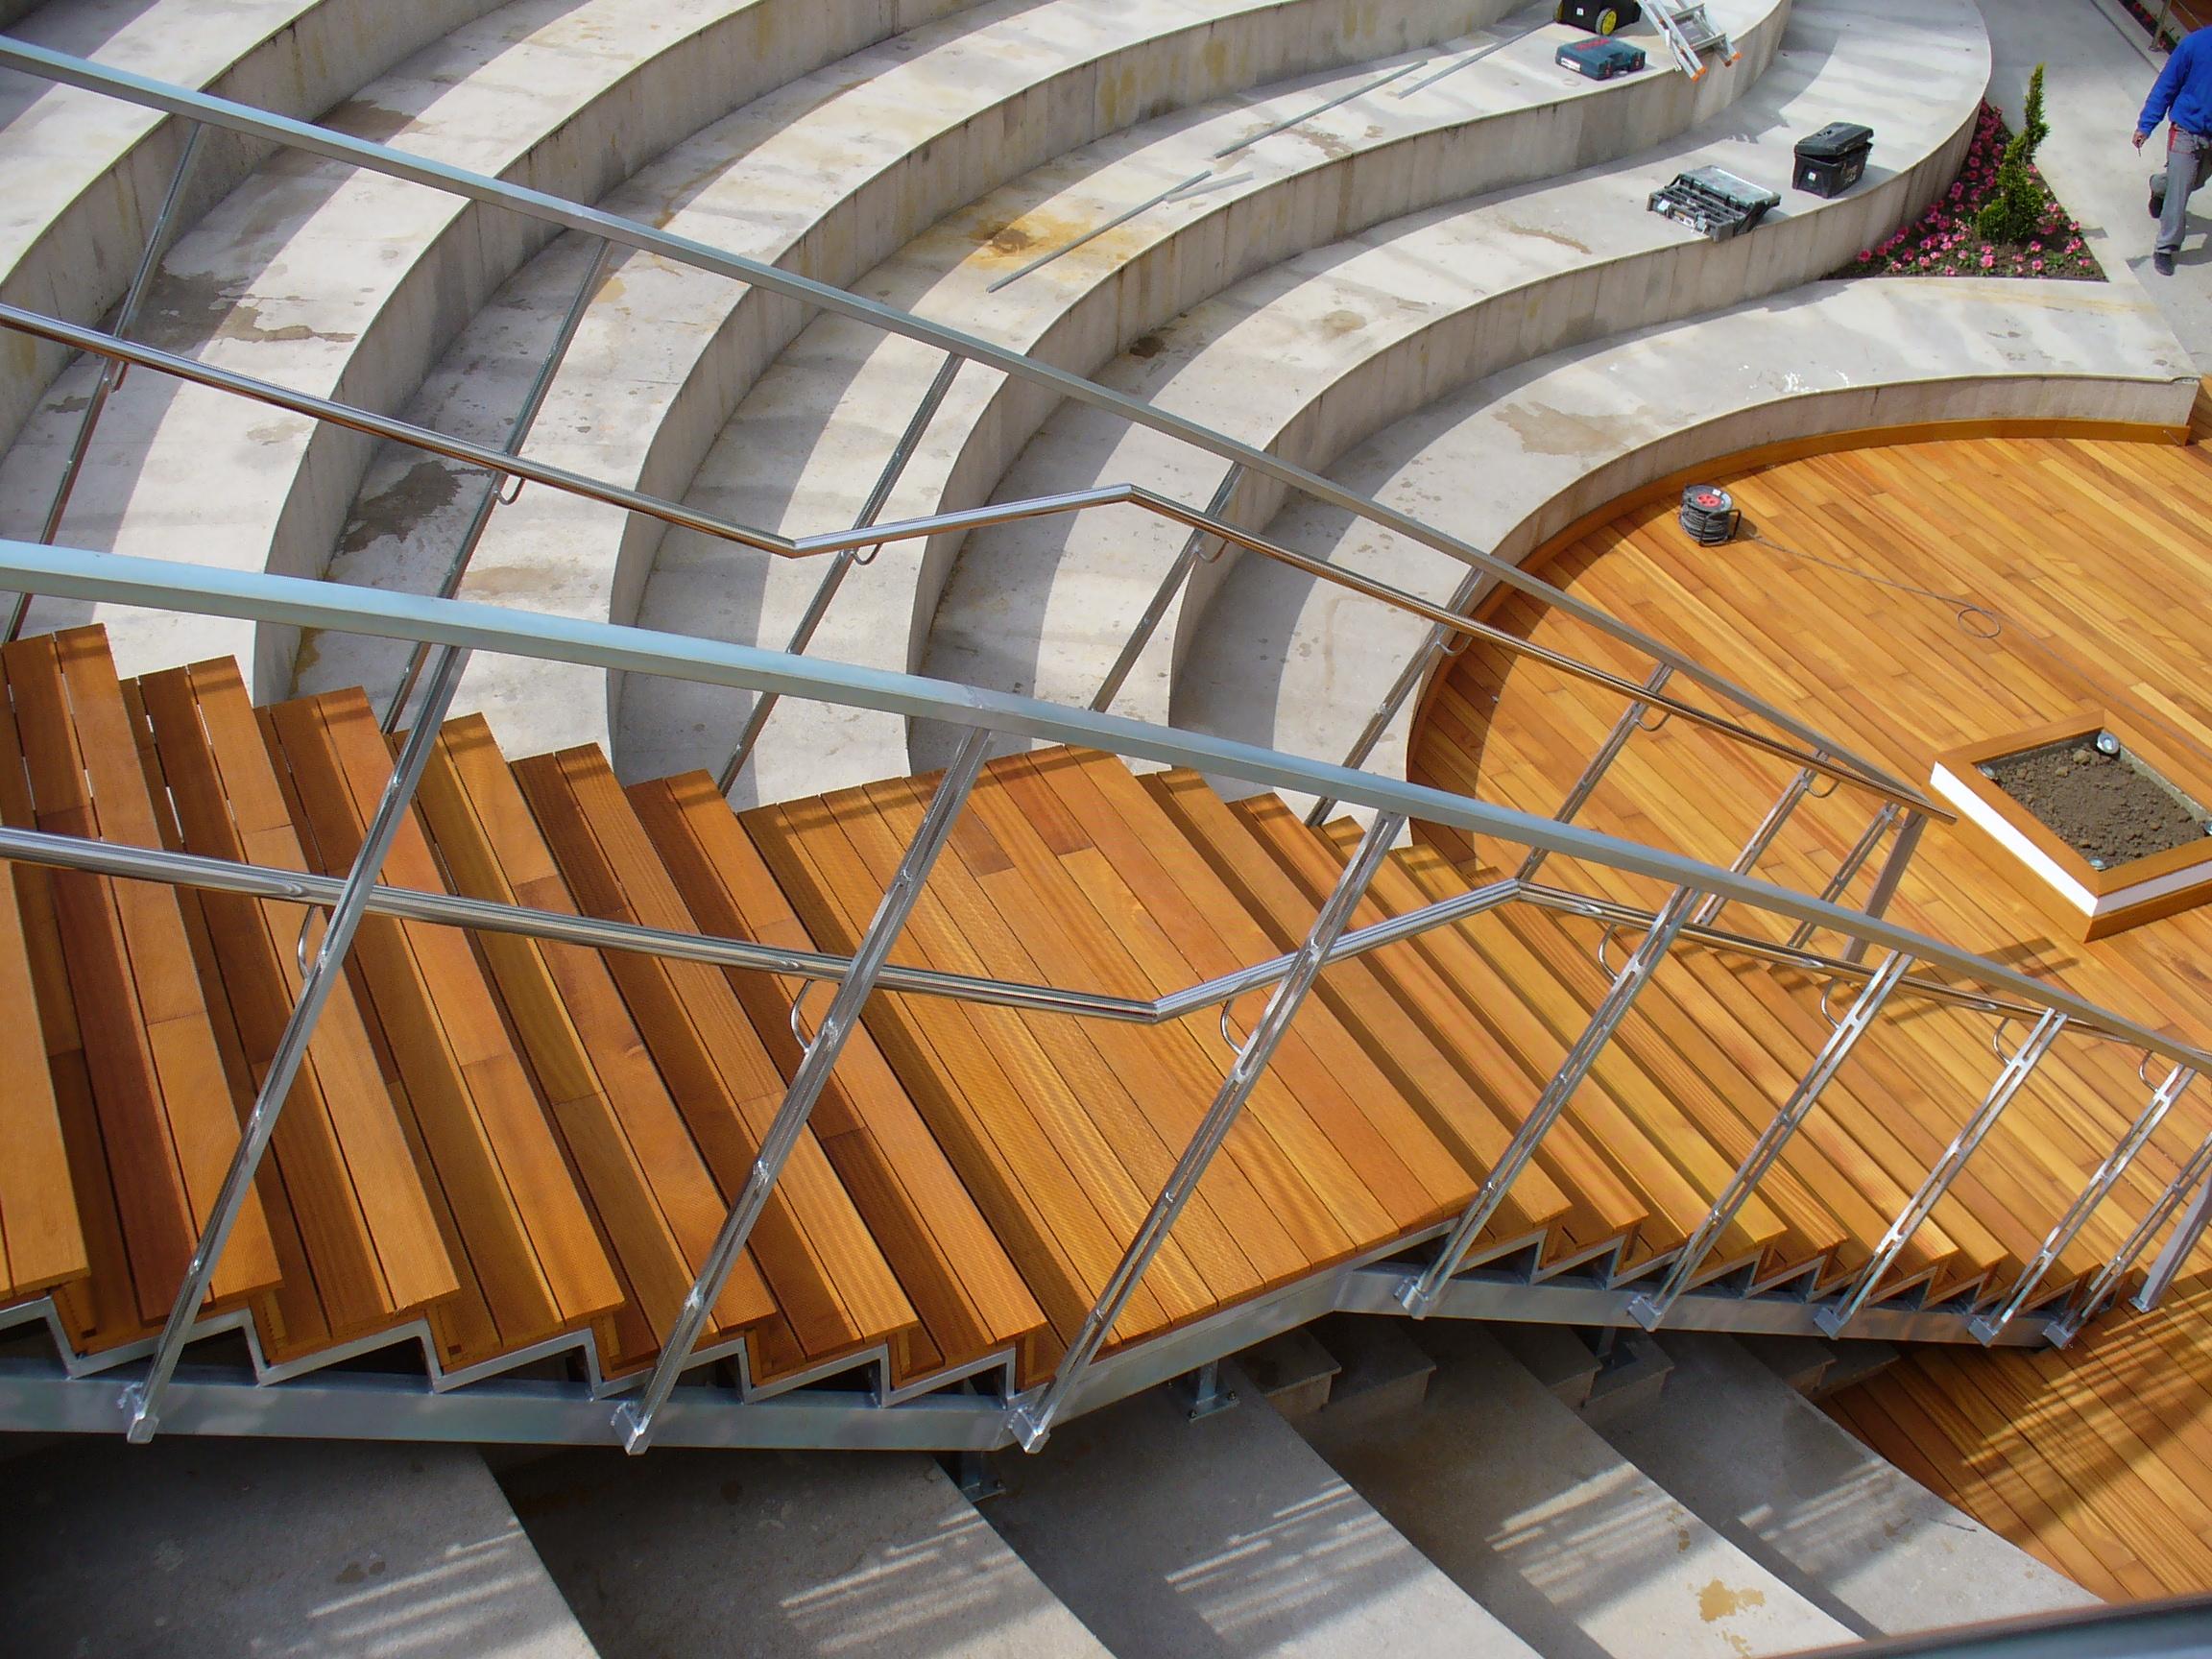 Deck-uri lemn - Guariuba SELVA FLOORS - Poza 37